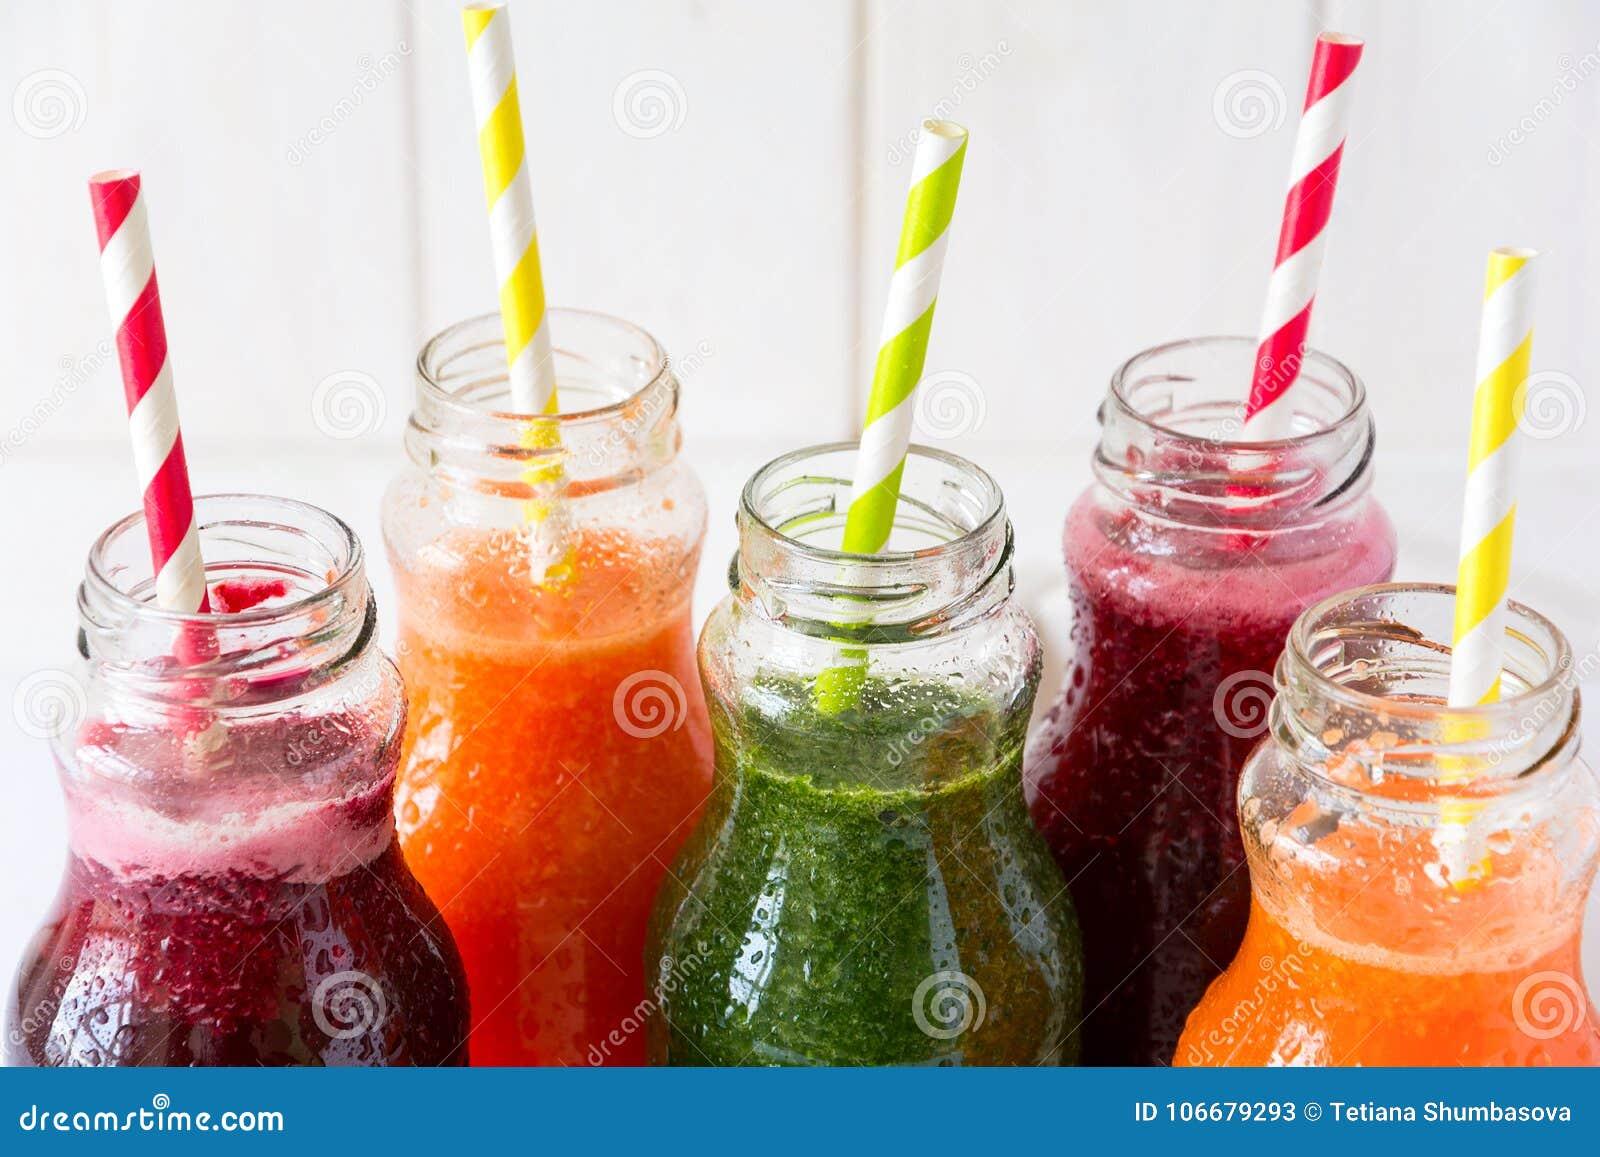 在瓶的戒毒所饮料:从菜的新鲜的圆滑的人:甜菜、红萝卜、菠菜、黄瓜和苹果